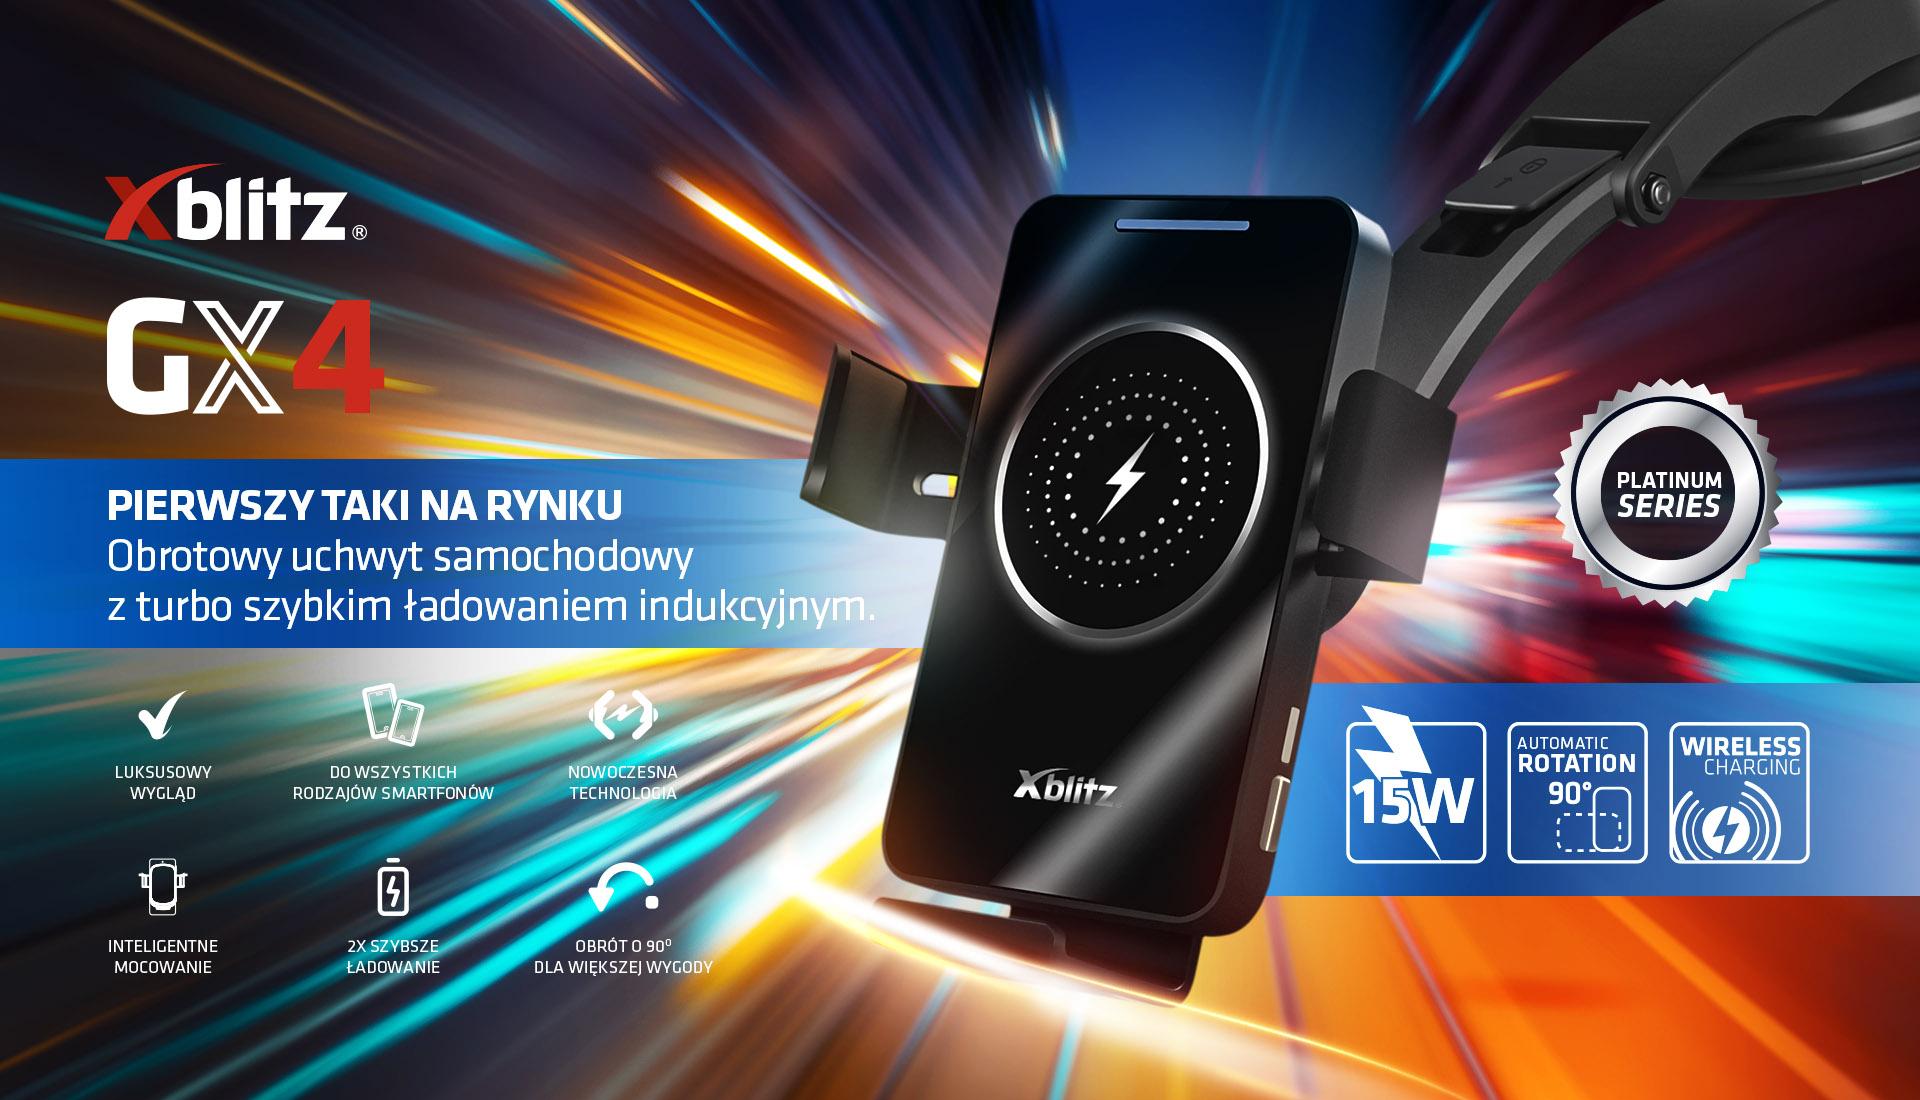 Xblitz GX4 - innowacyjny uchwyt